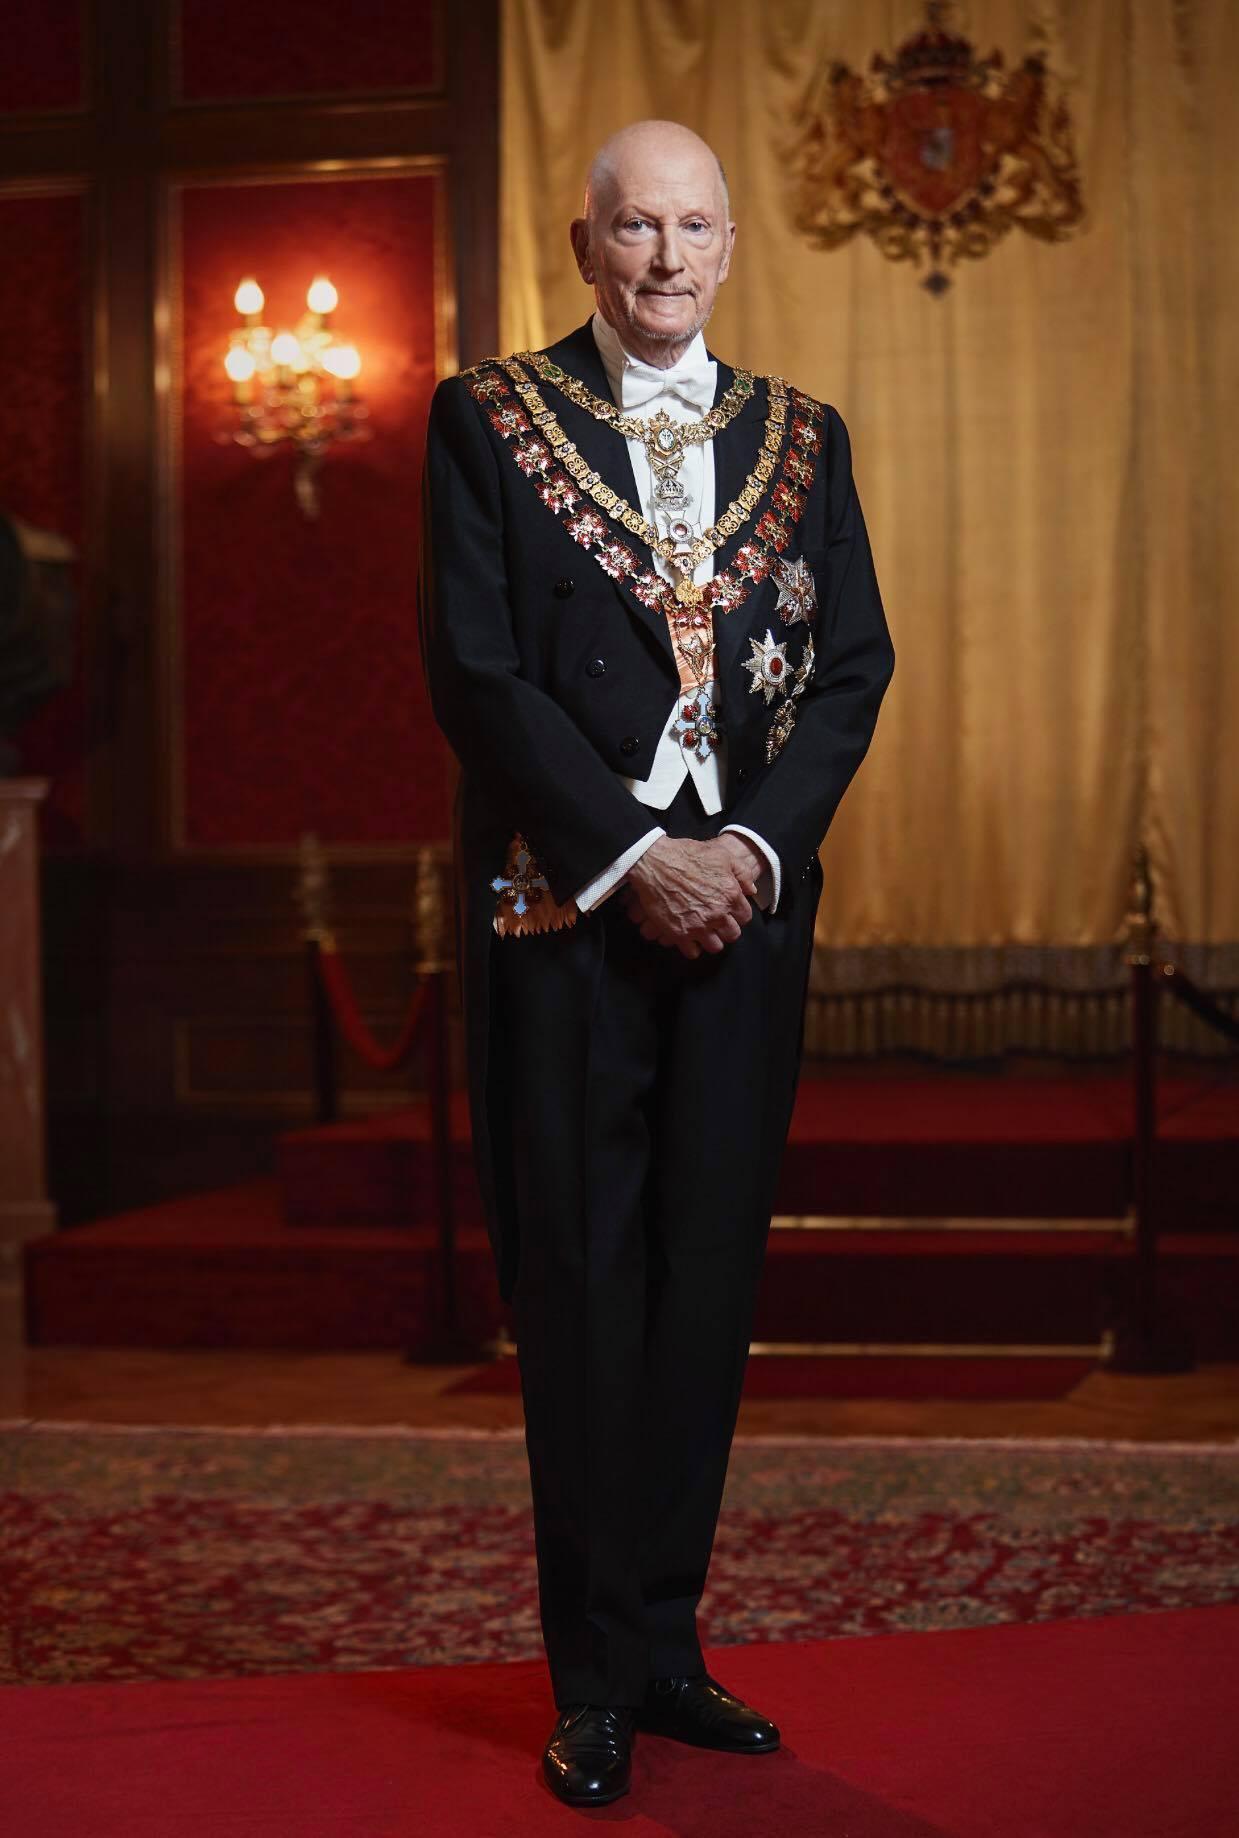 Tsar Simeon II